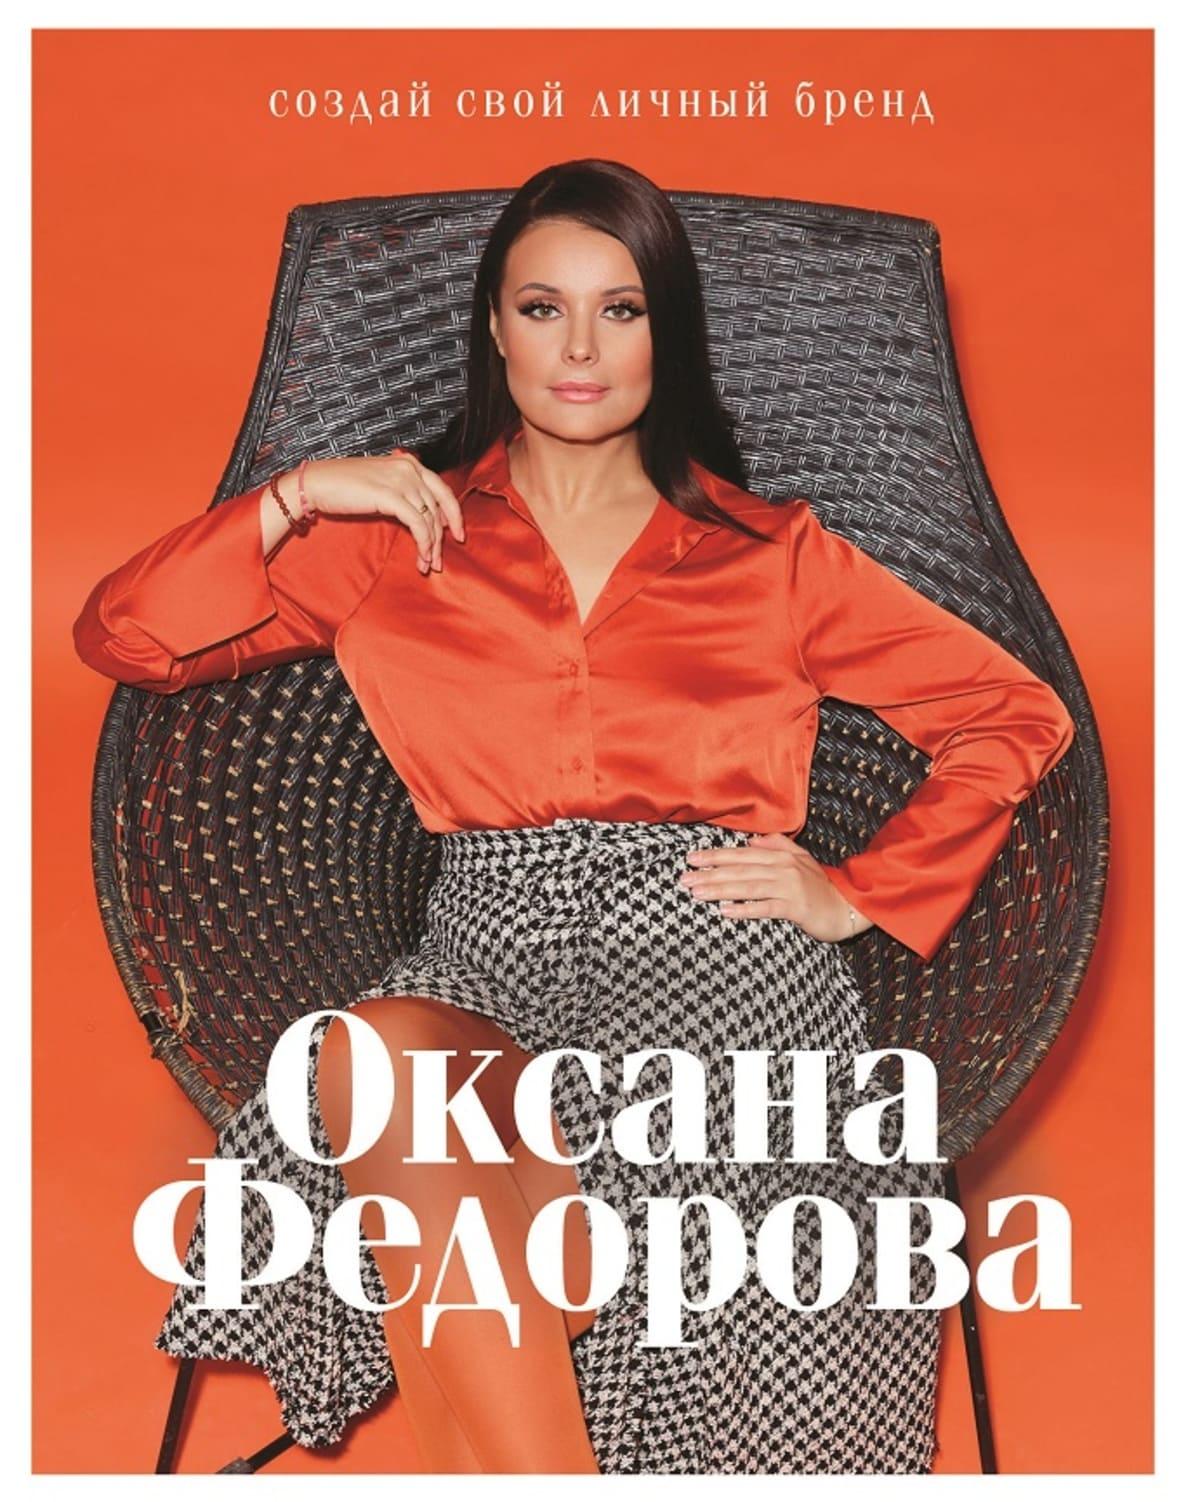 Оксана Федорова выпускает книгу